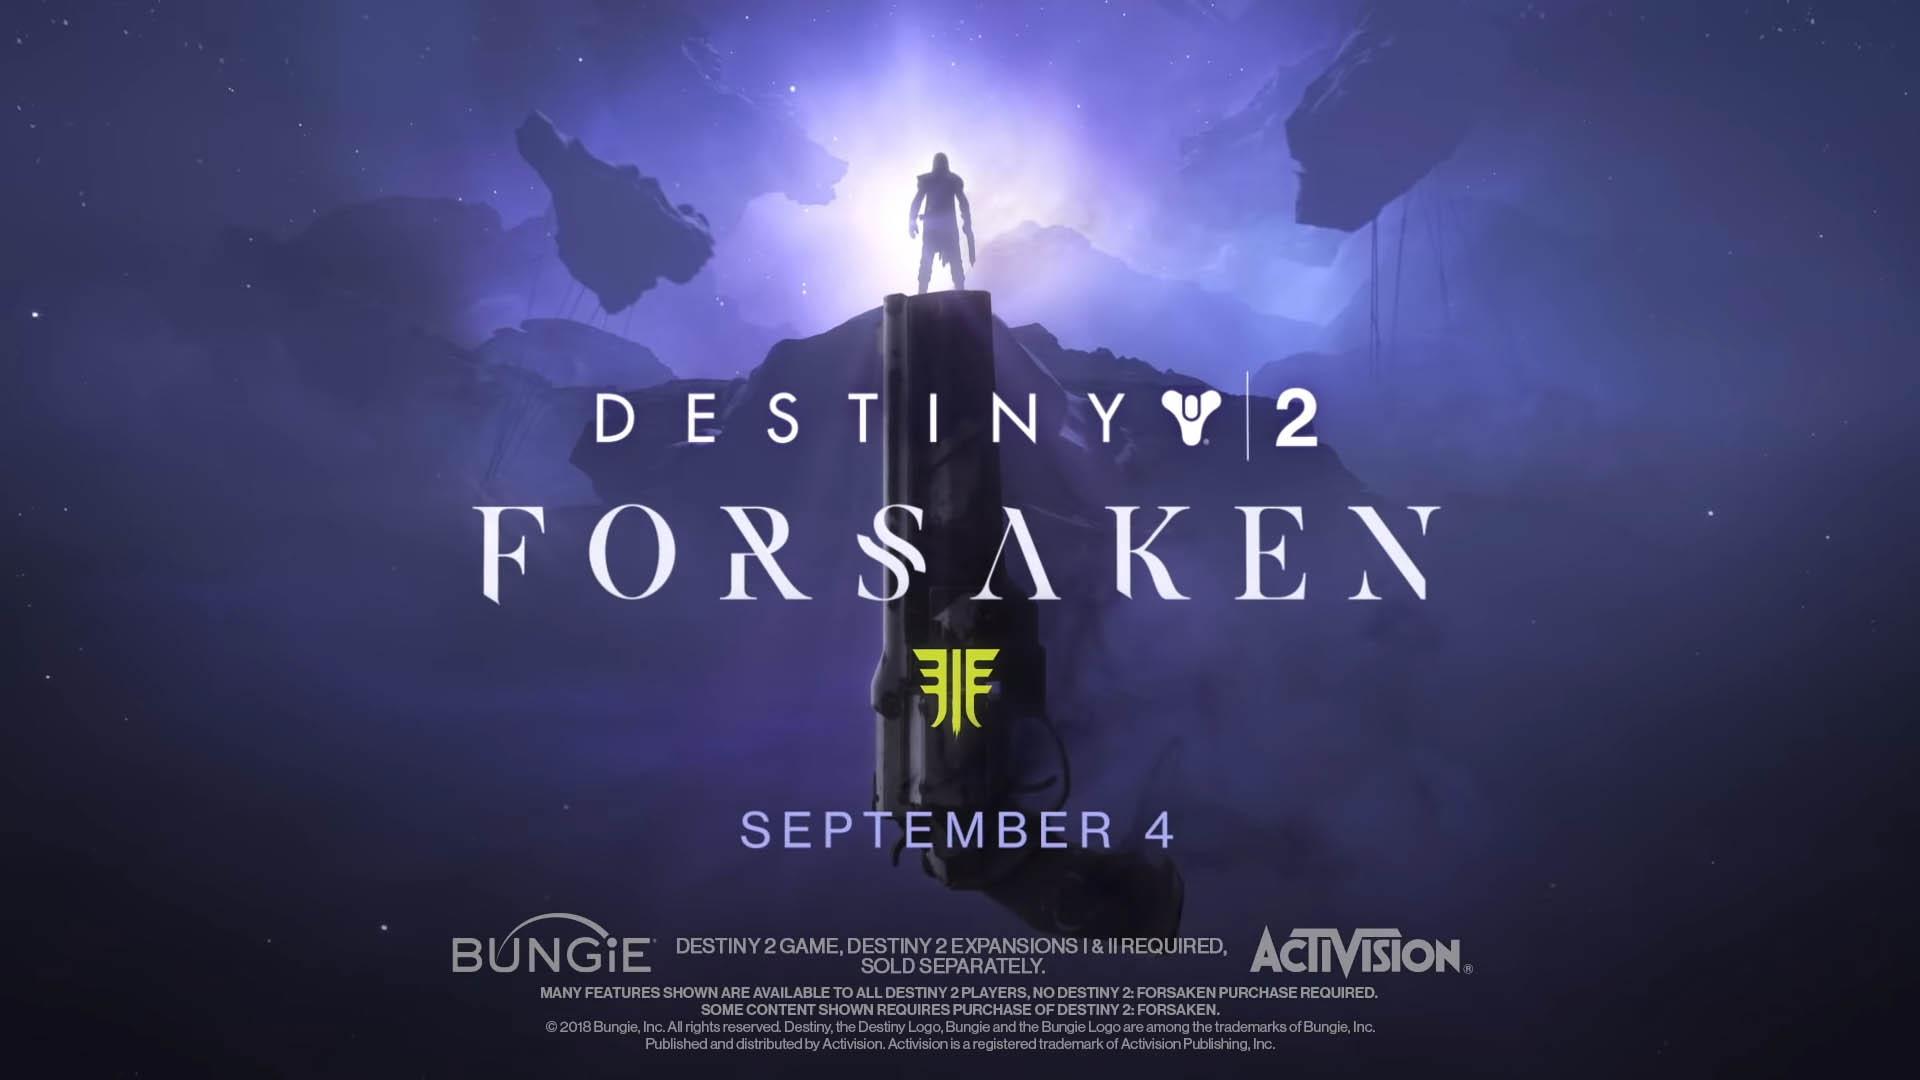 Destiny 2: Forsaken - Legendary Collection gets September release